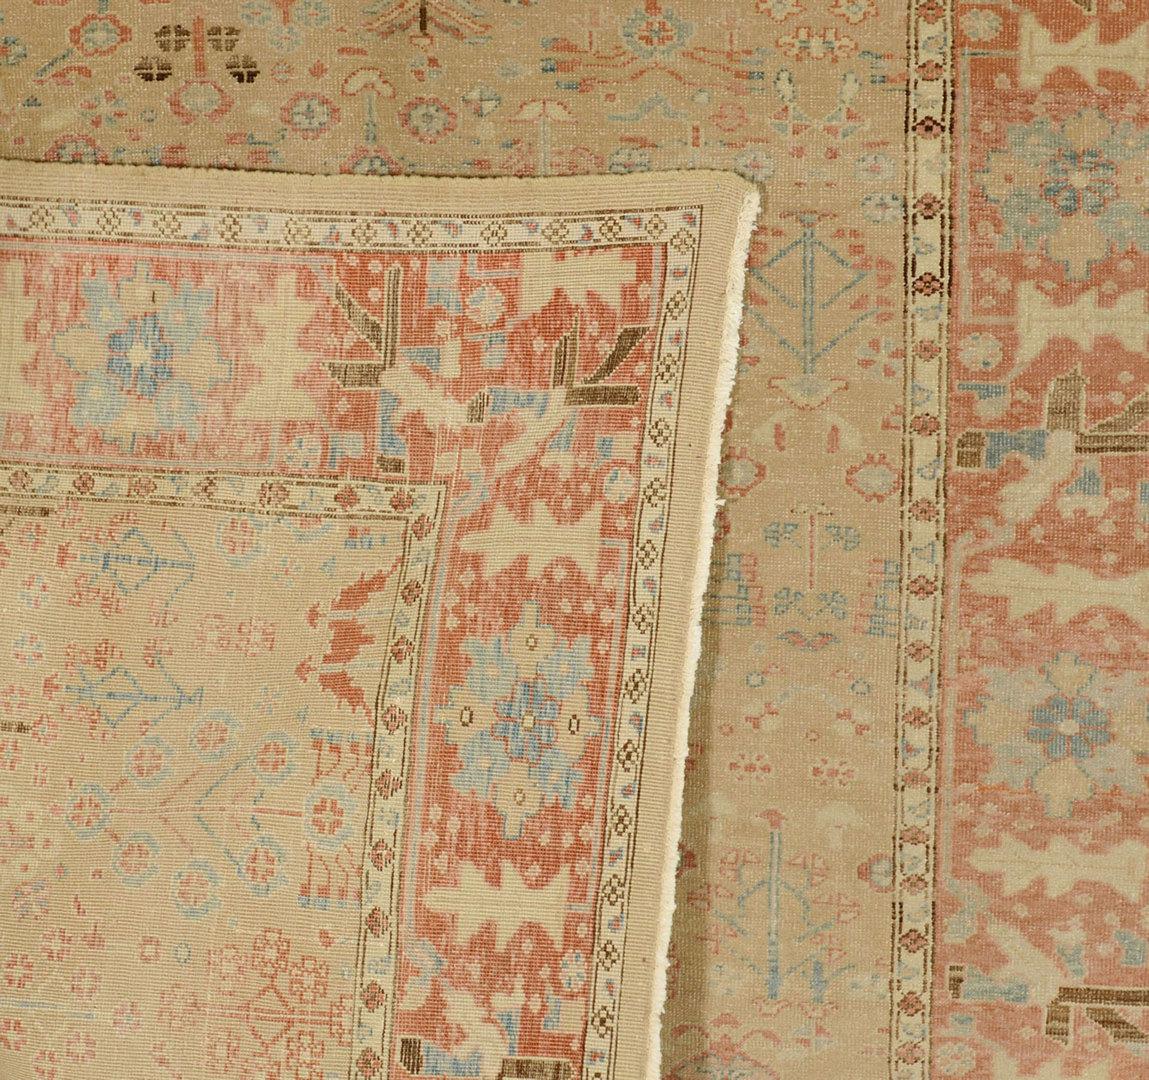 """Lot 703: Egyptian Carpet, 7' 1"""" x 7' 3"""""""